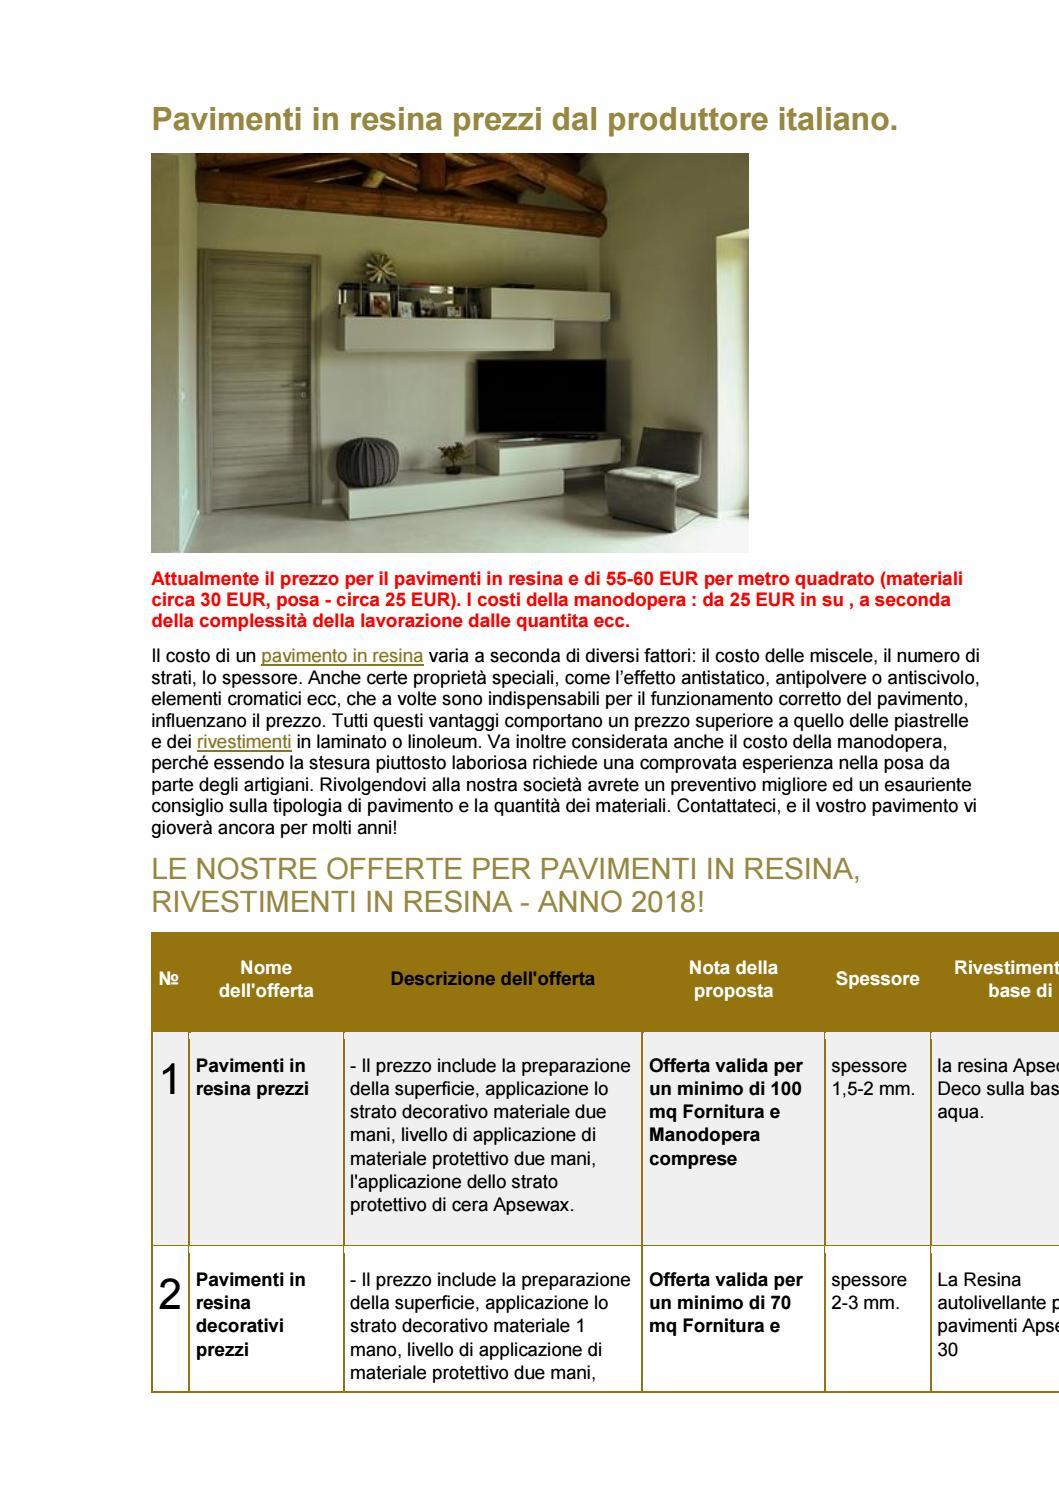 Costo Posa Resina Al Mq.Pavimenti In Resina Prezzi Dal Produttore Italiano By